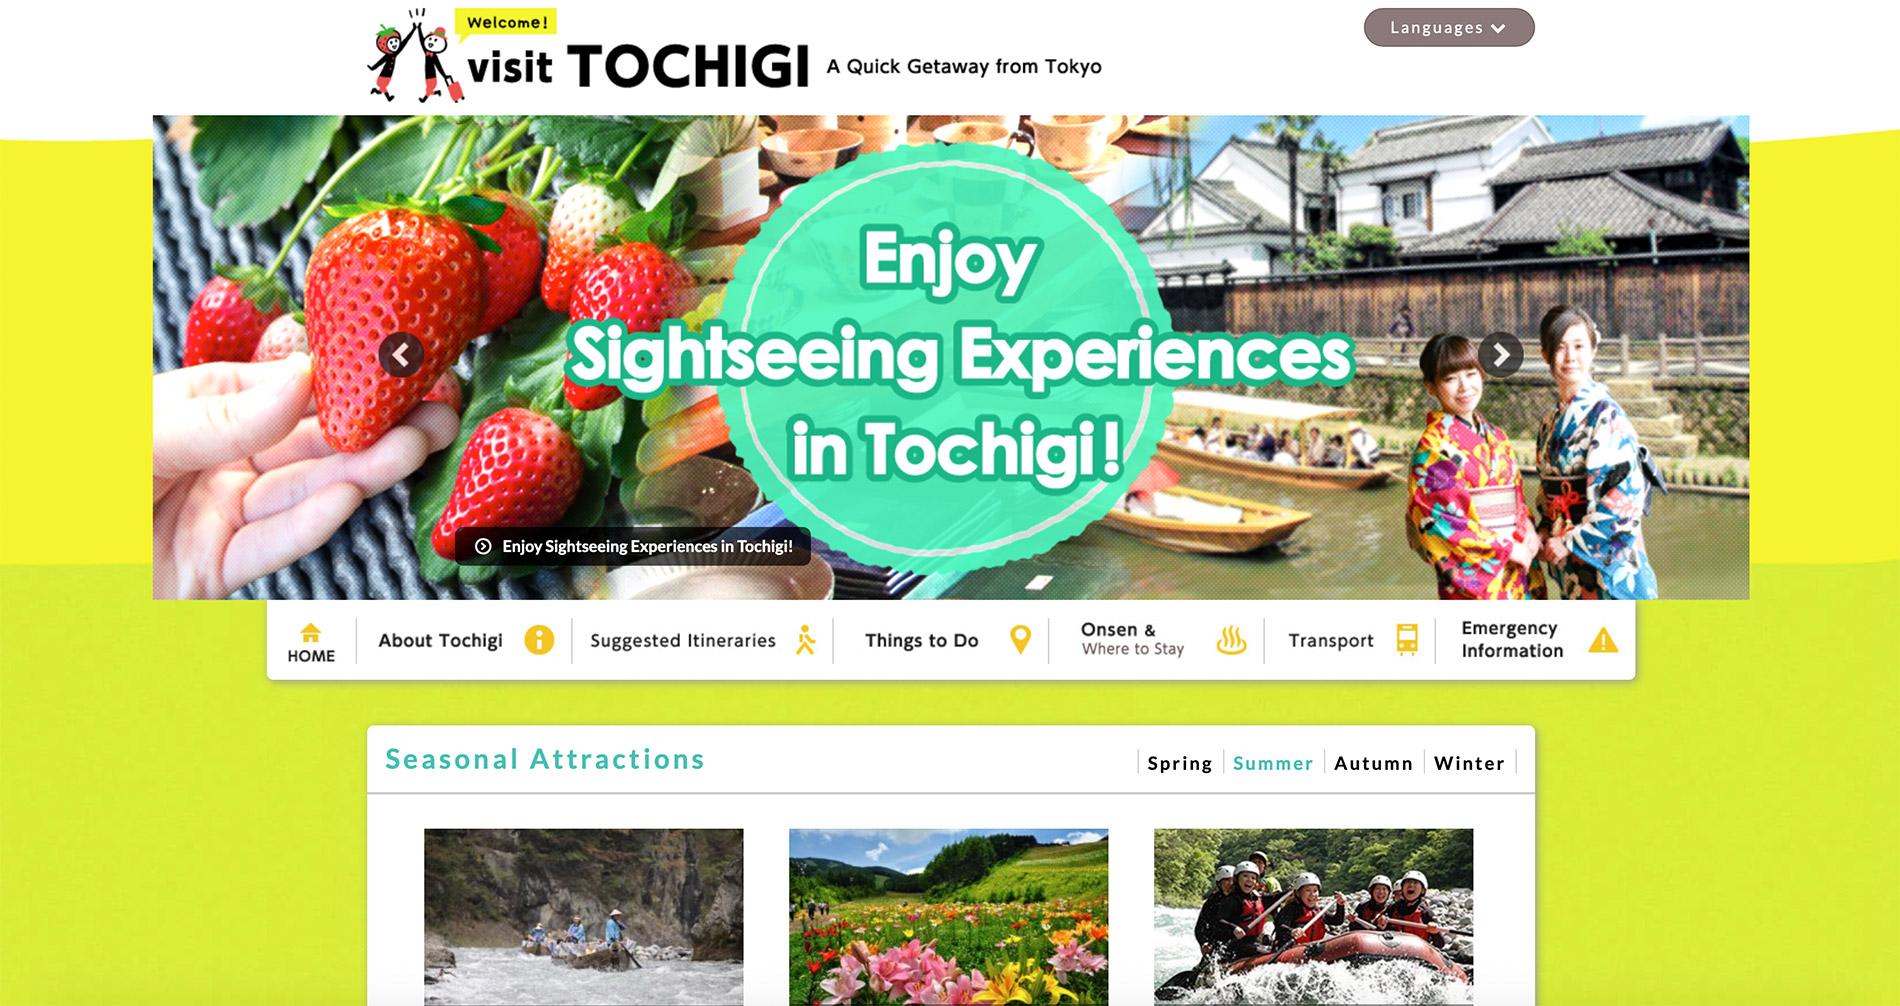 Die englische Webseite des Tourismusverbandes der Präfektur Tochigi.